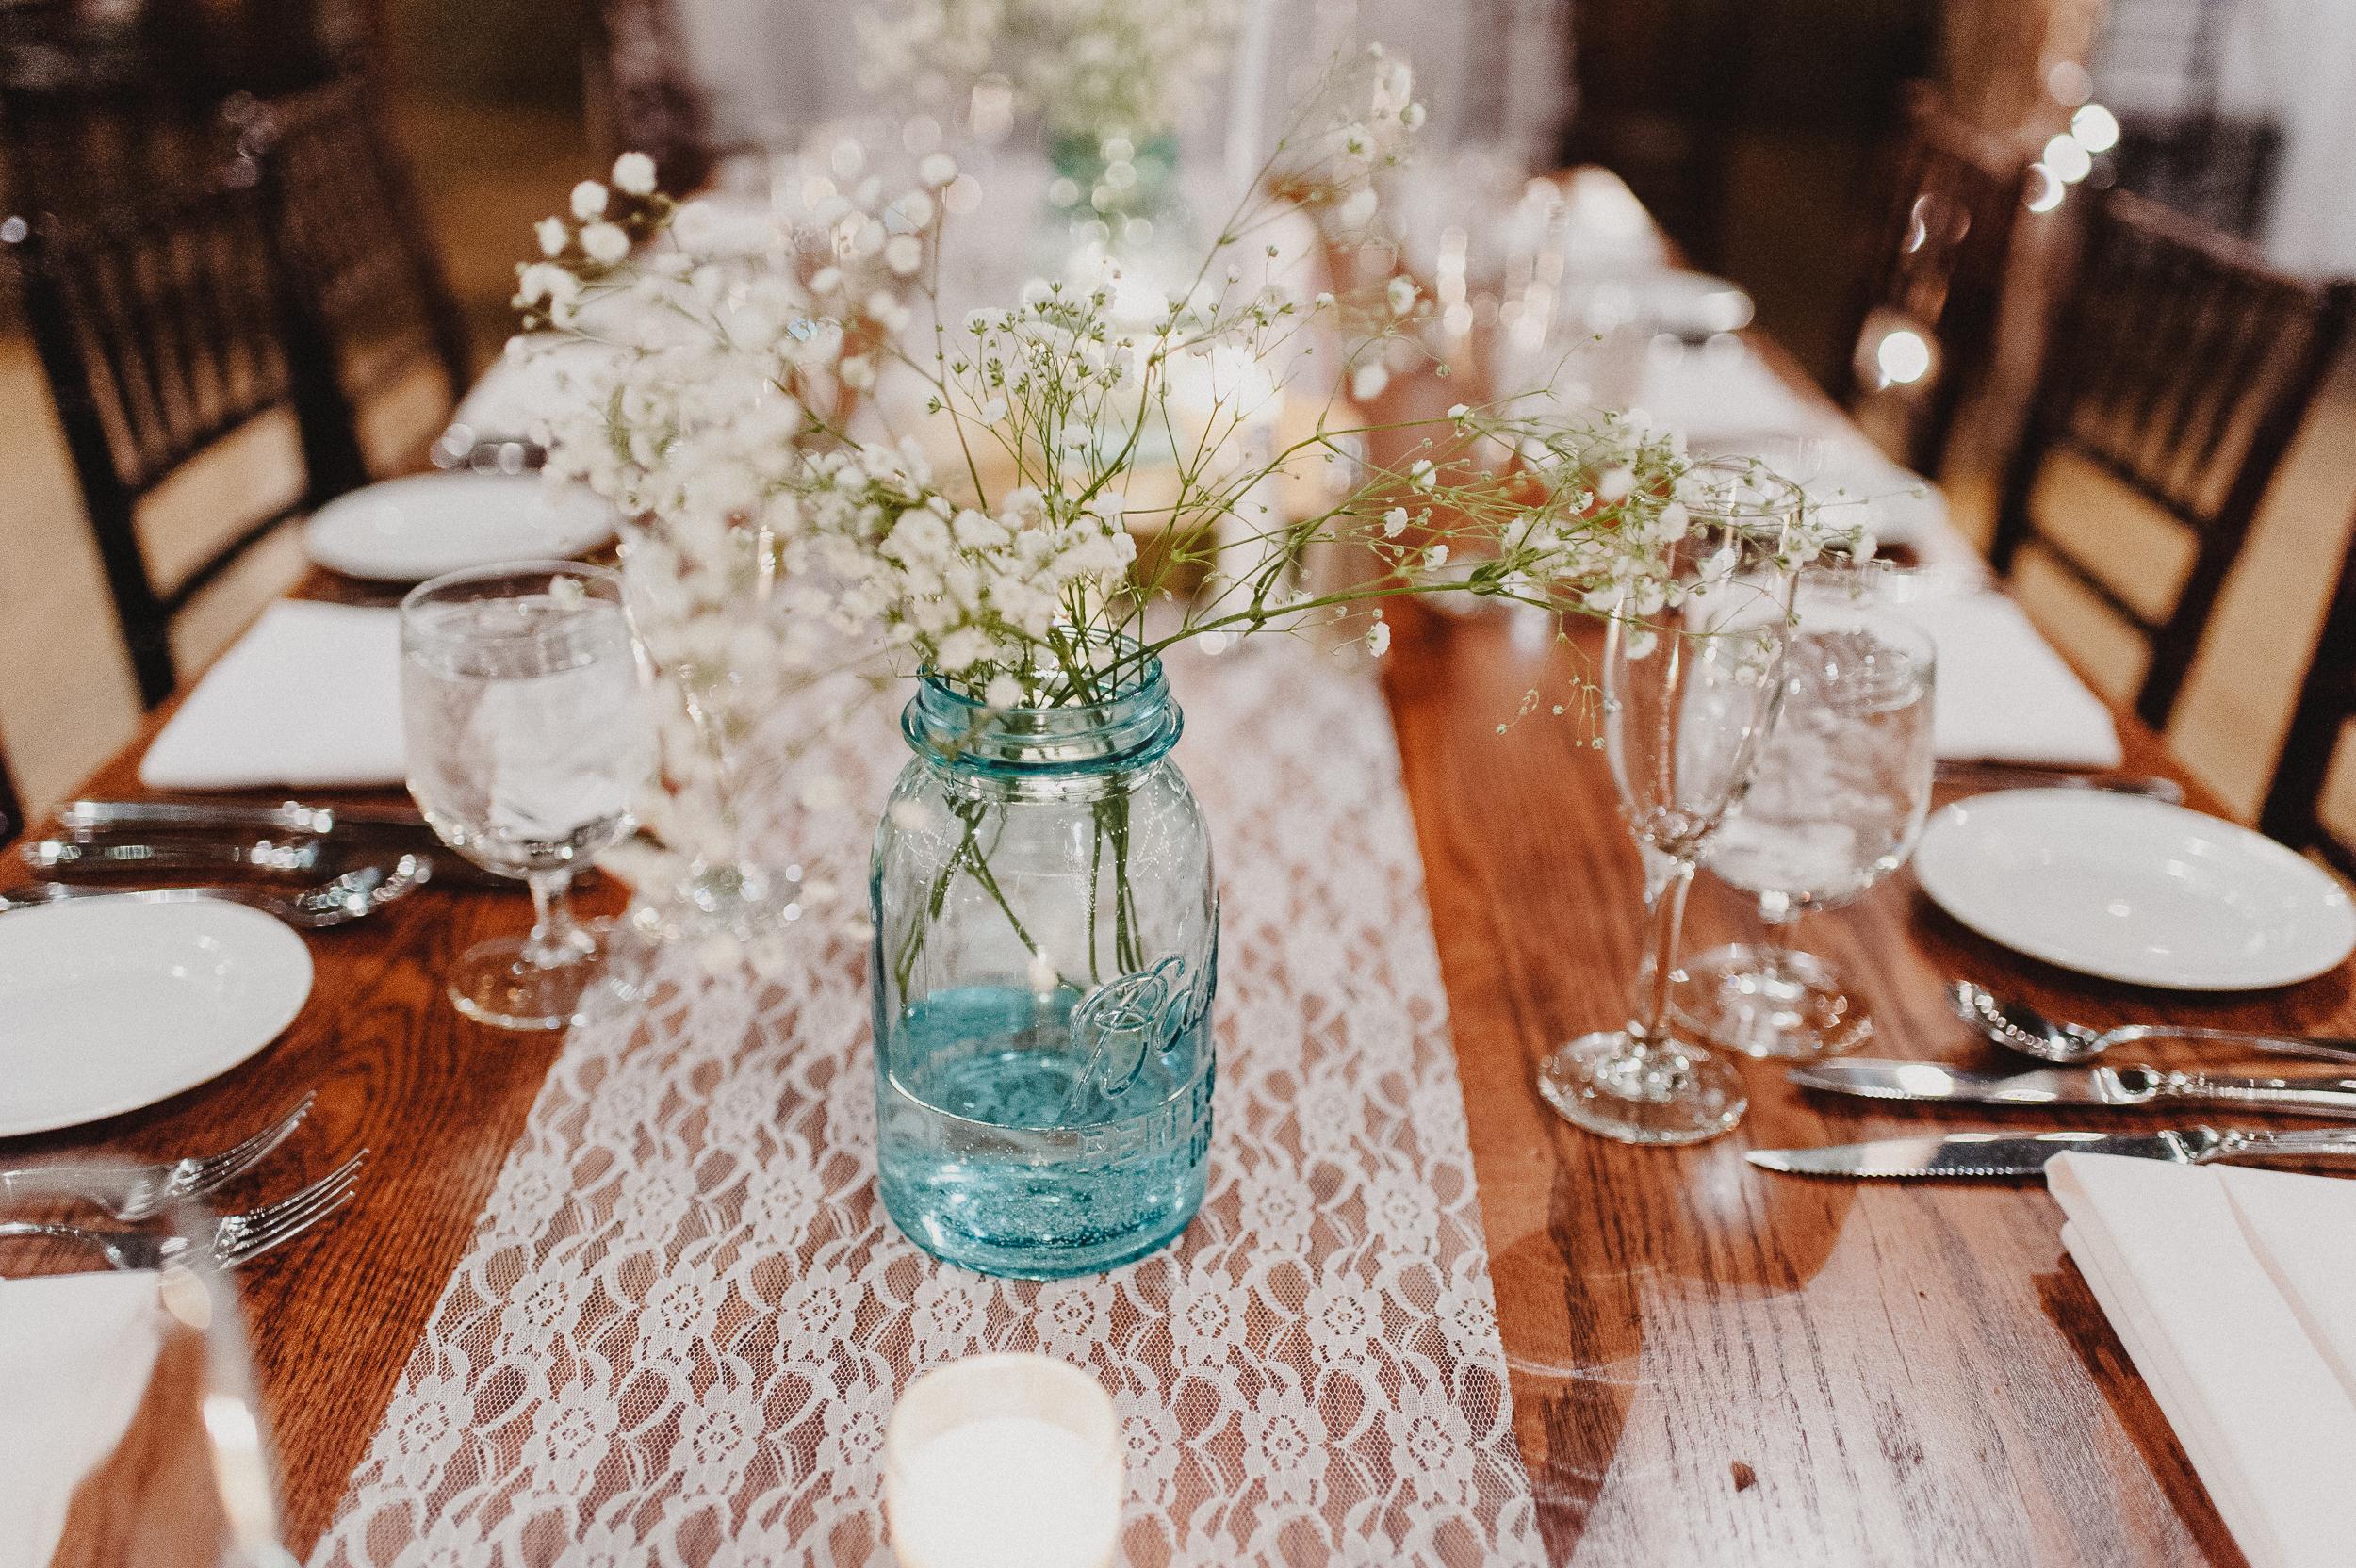 vermont-destination-wedding-photographer-49.jpg